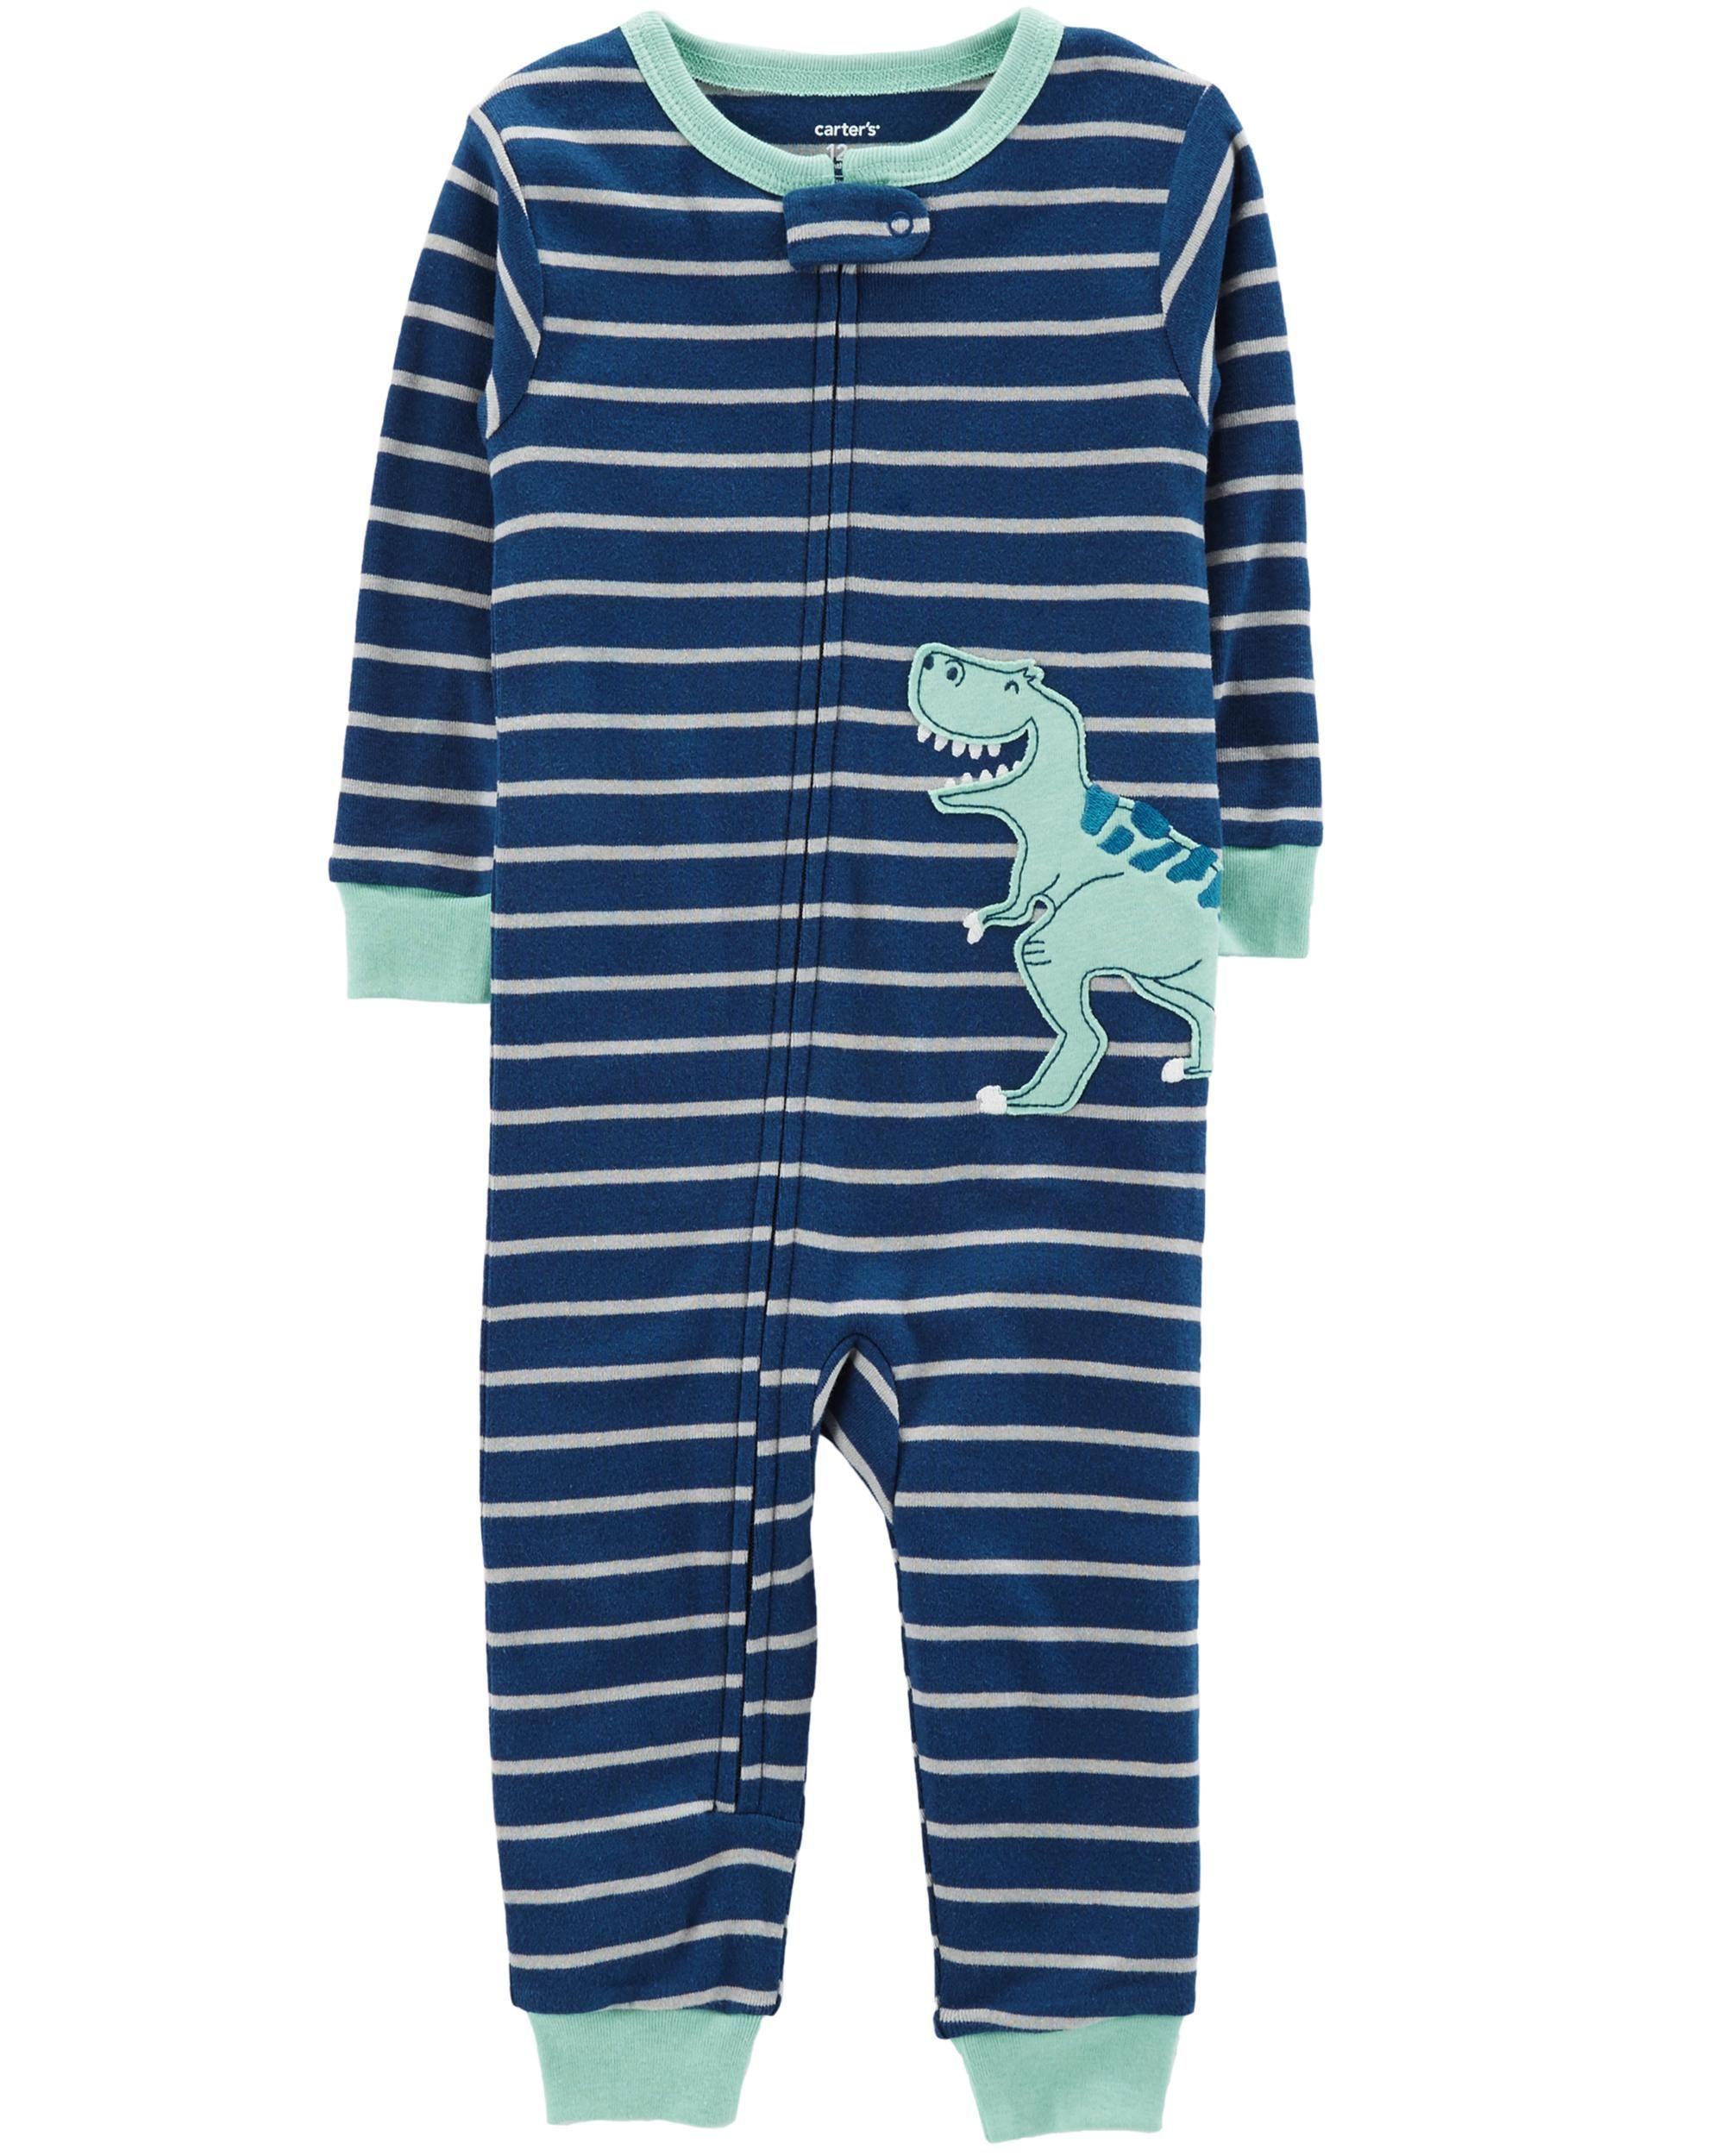 157c70c27 1-Piece Dinosaur Snug Fit Cotton Footless PJs